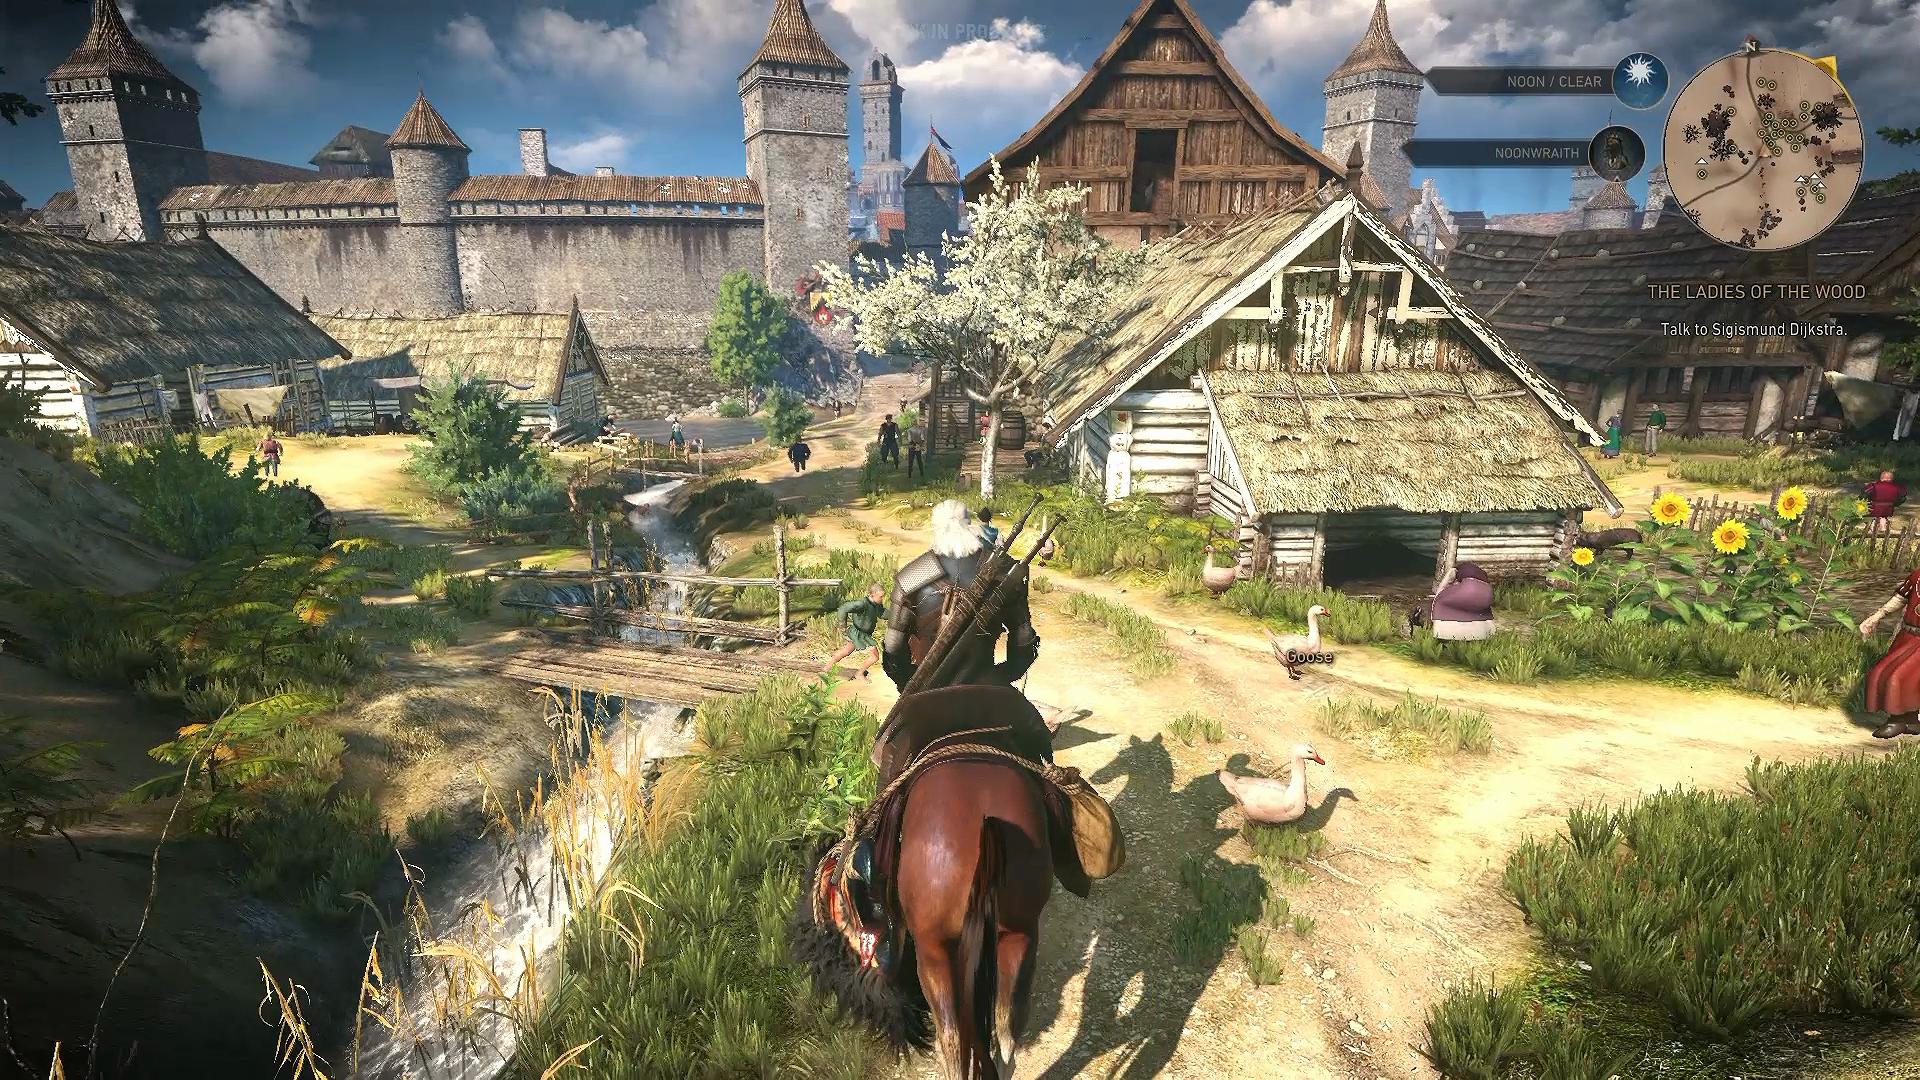 The Witcher 3: Wild Hunt - GOTY [Steam Gift] (RU+CIS)